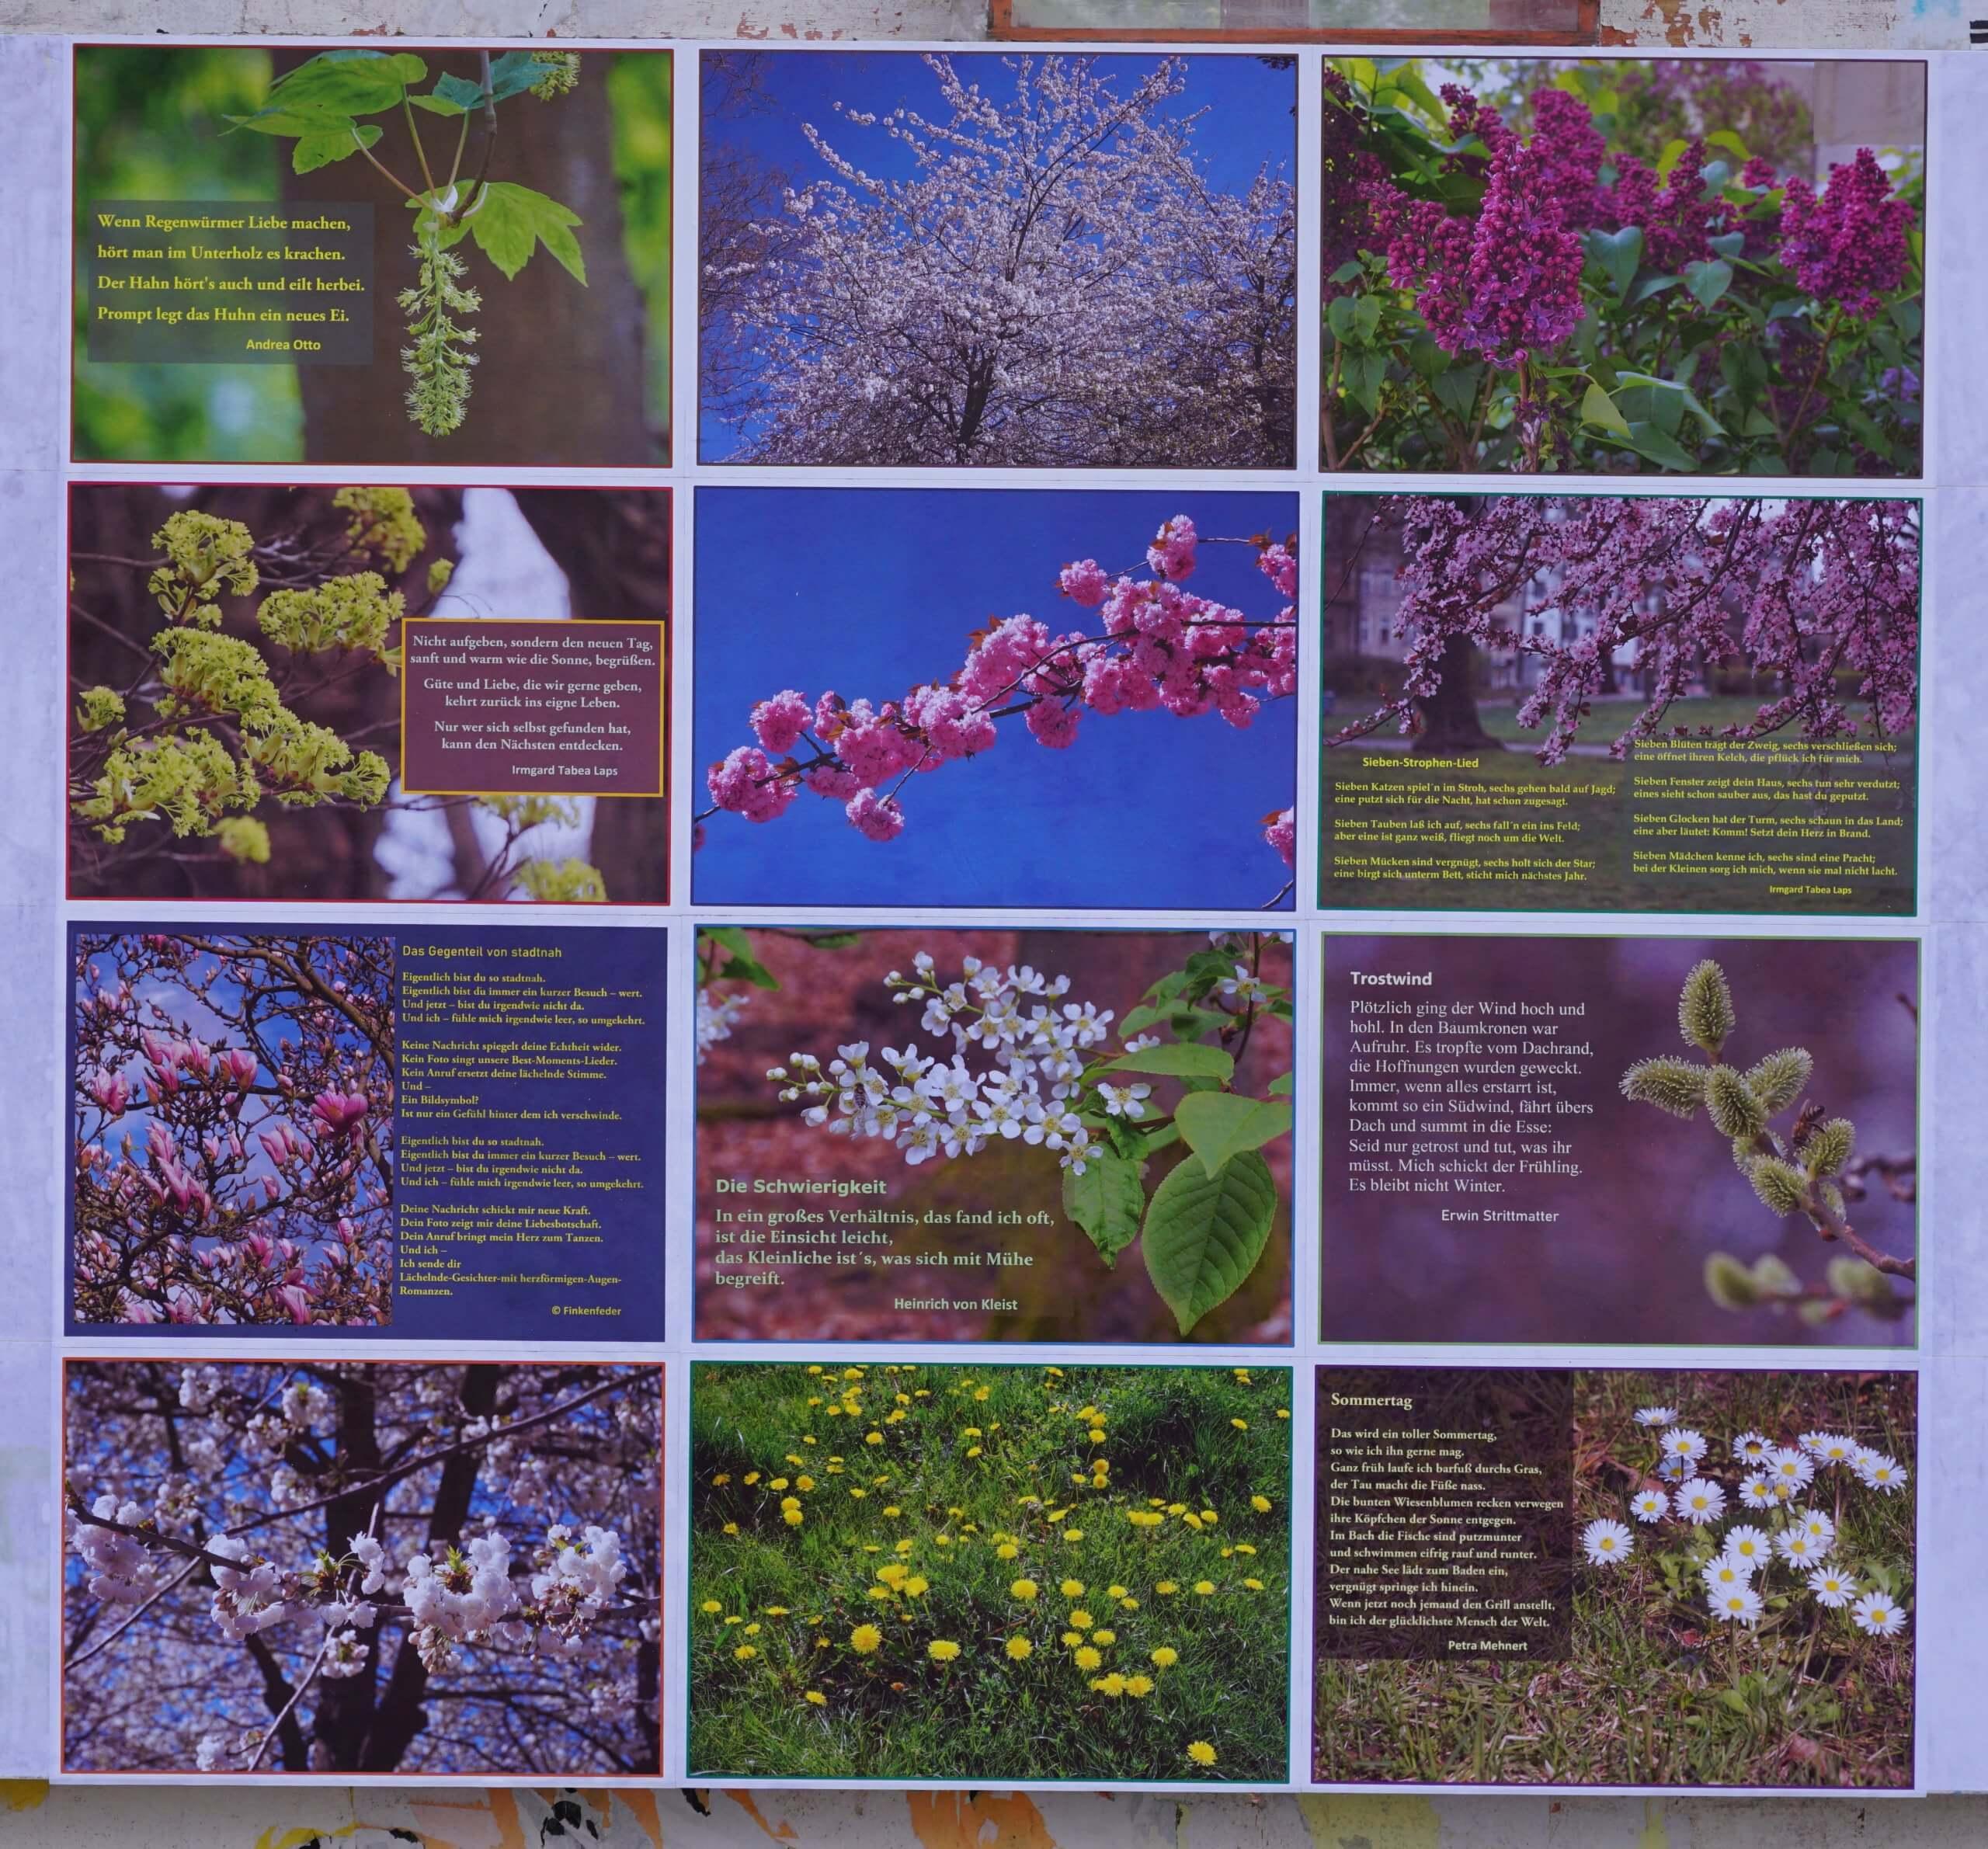 Das Bild zeigt das aktuell ab dem 6. Mai auf der Rückseite der Infowand am Forum im Kosmosviertel zu sehendes Mosaik mit Gedichten und Fotomotiven aus der Natur.